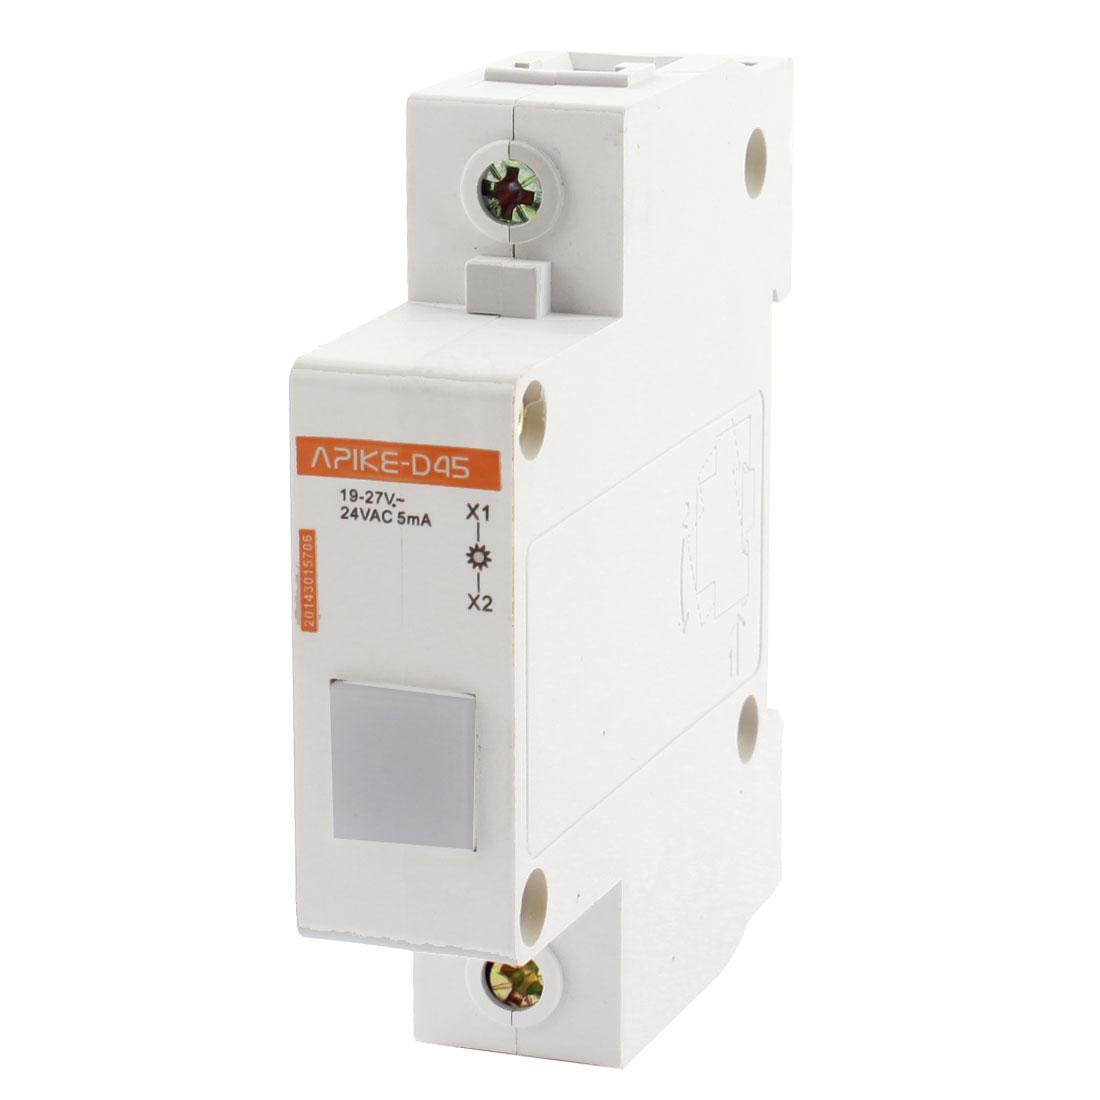 35mm DIN Rail Mount AC 24V 5mA White LED Modular Power Indicator Light Lamp